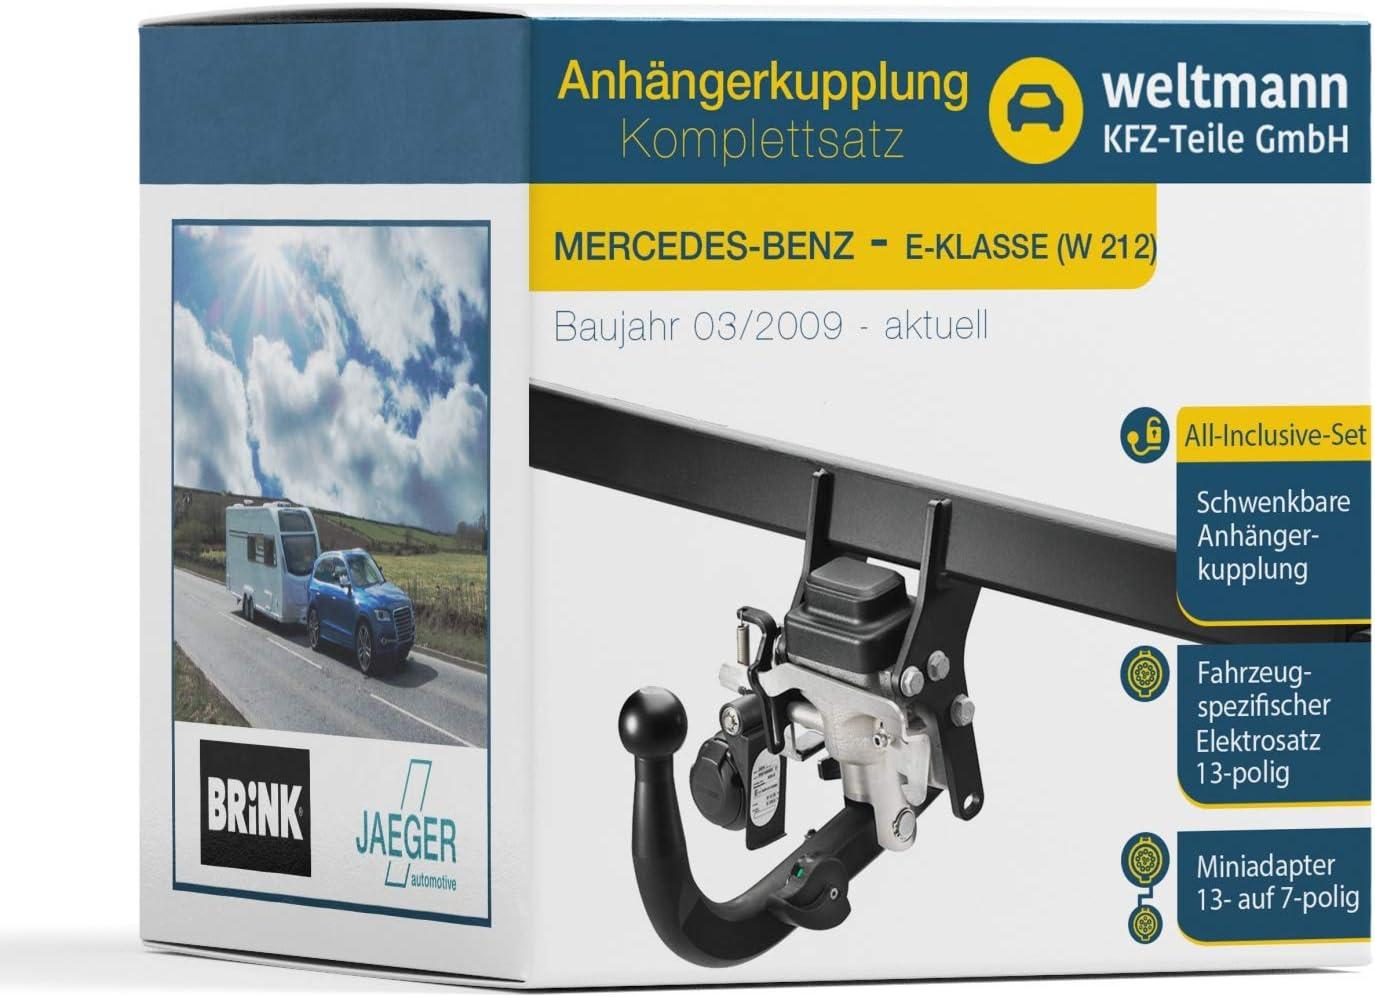 Weltmann 7D500423 - Enganche de remolque giratorio + juego eléctrico de 13 polos AHK para Mercedes Benz Clase E W 212